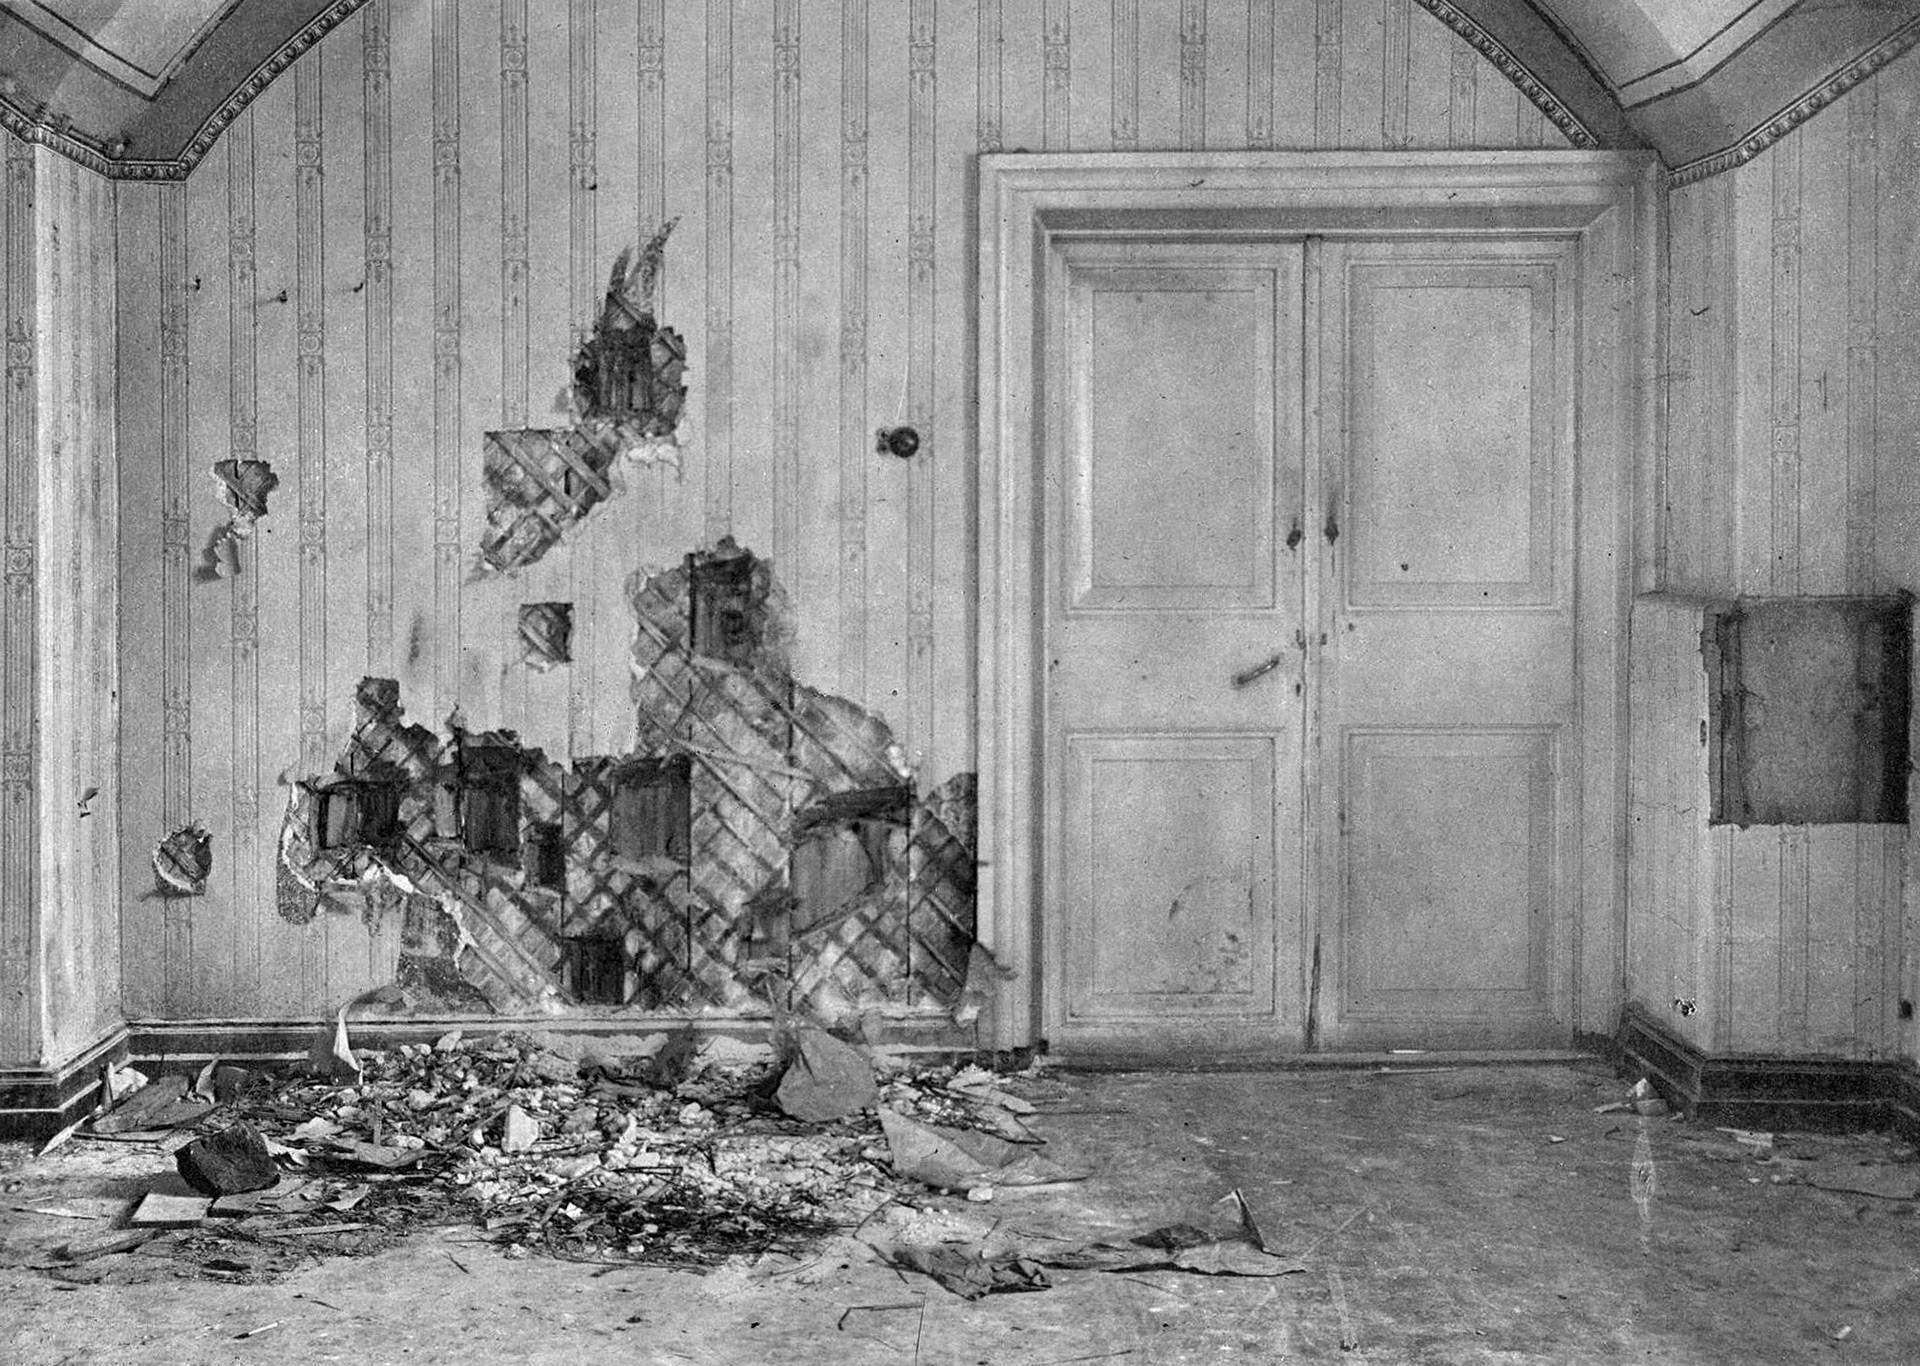 Подрум куће Ипатјевих где је убијена породица Романов.